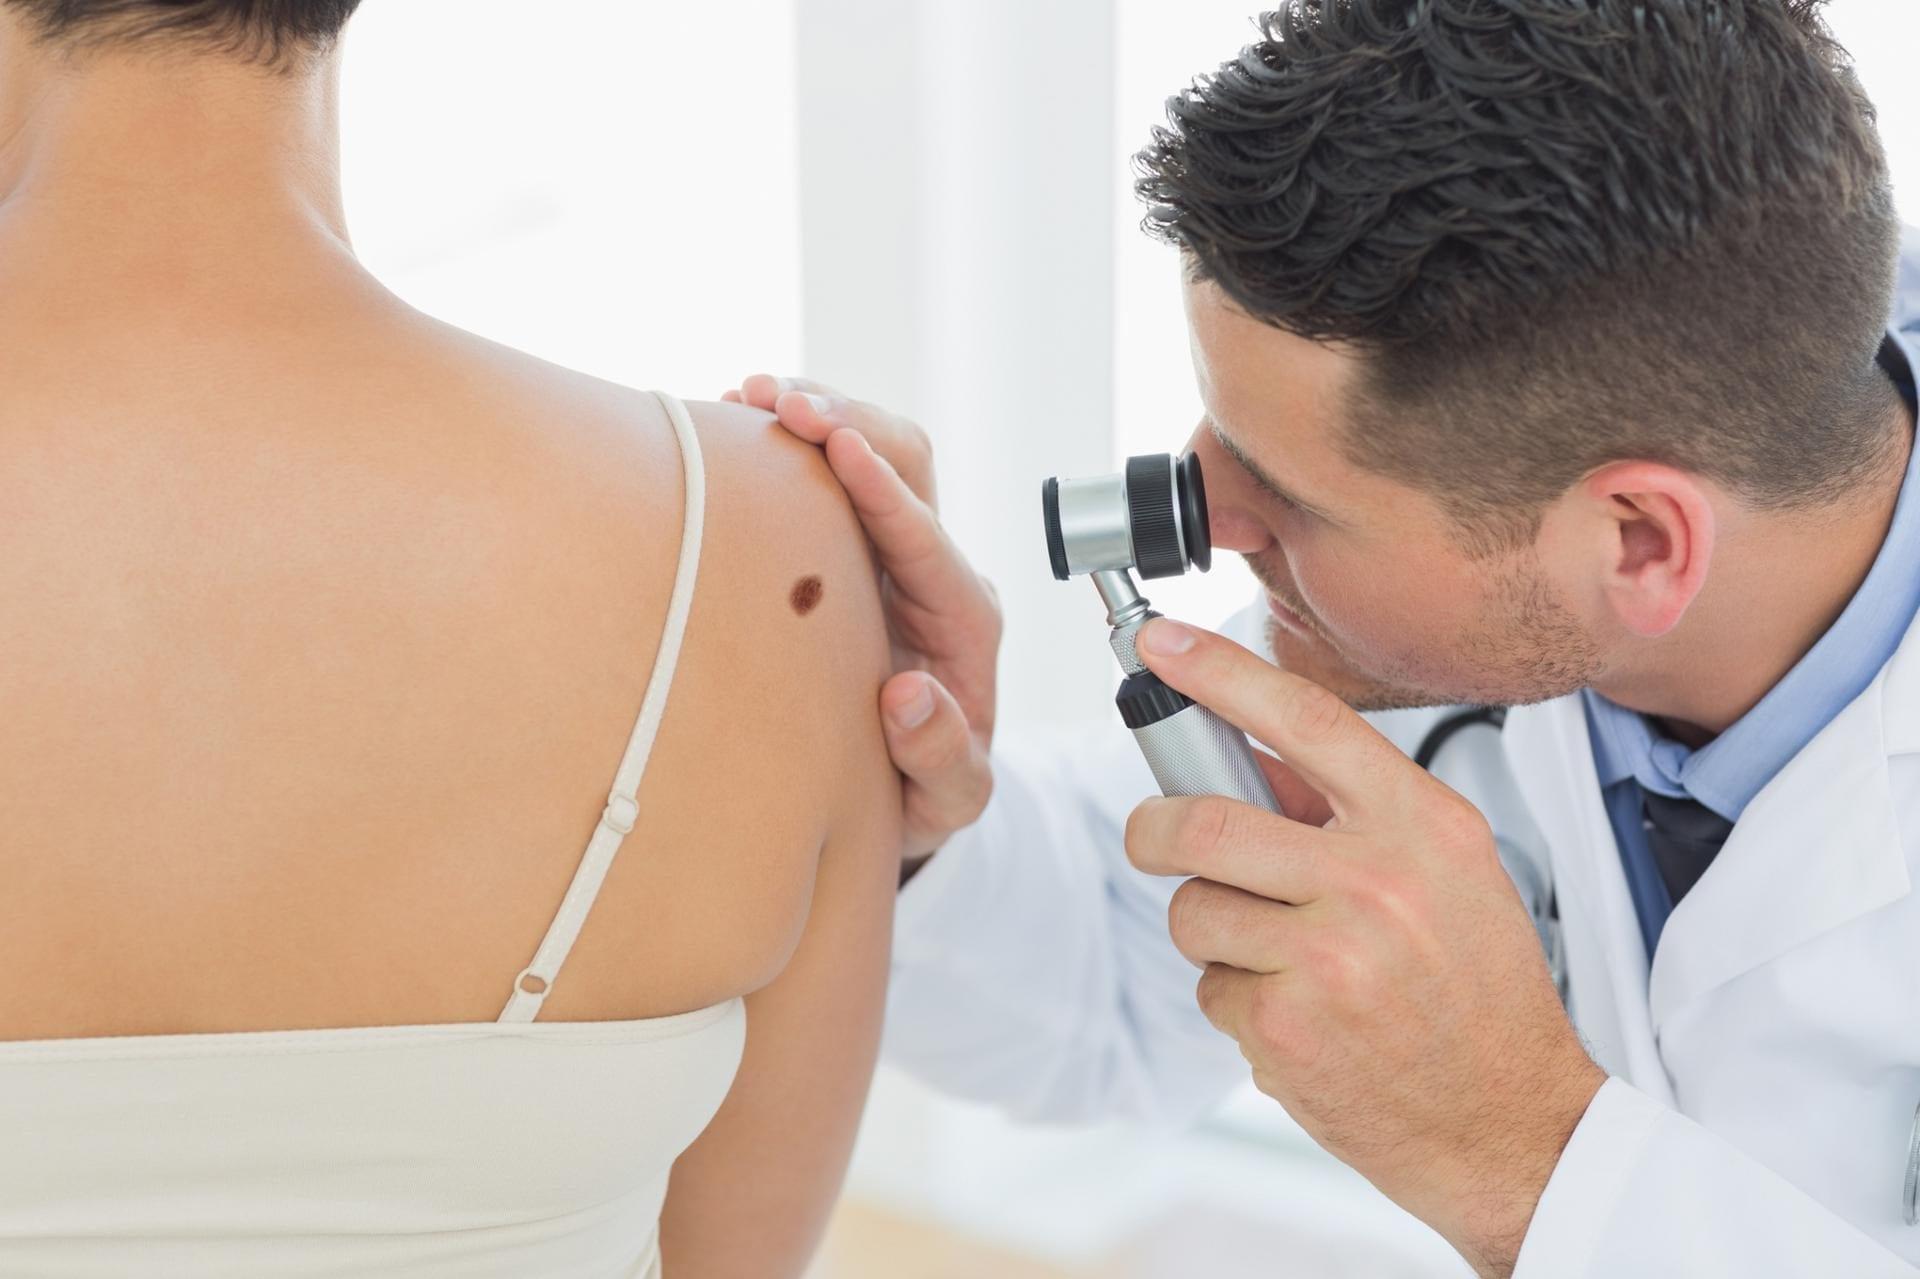 meddi- especialidad en dermatología